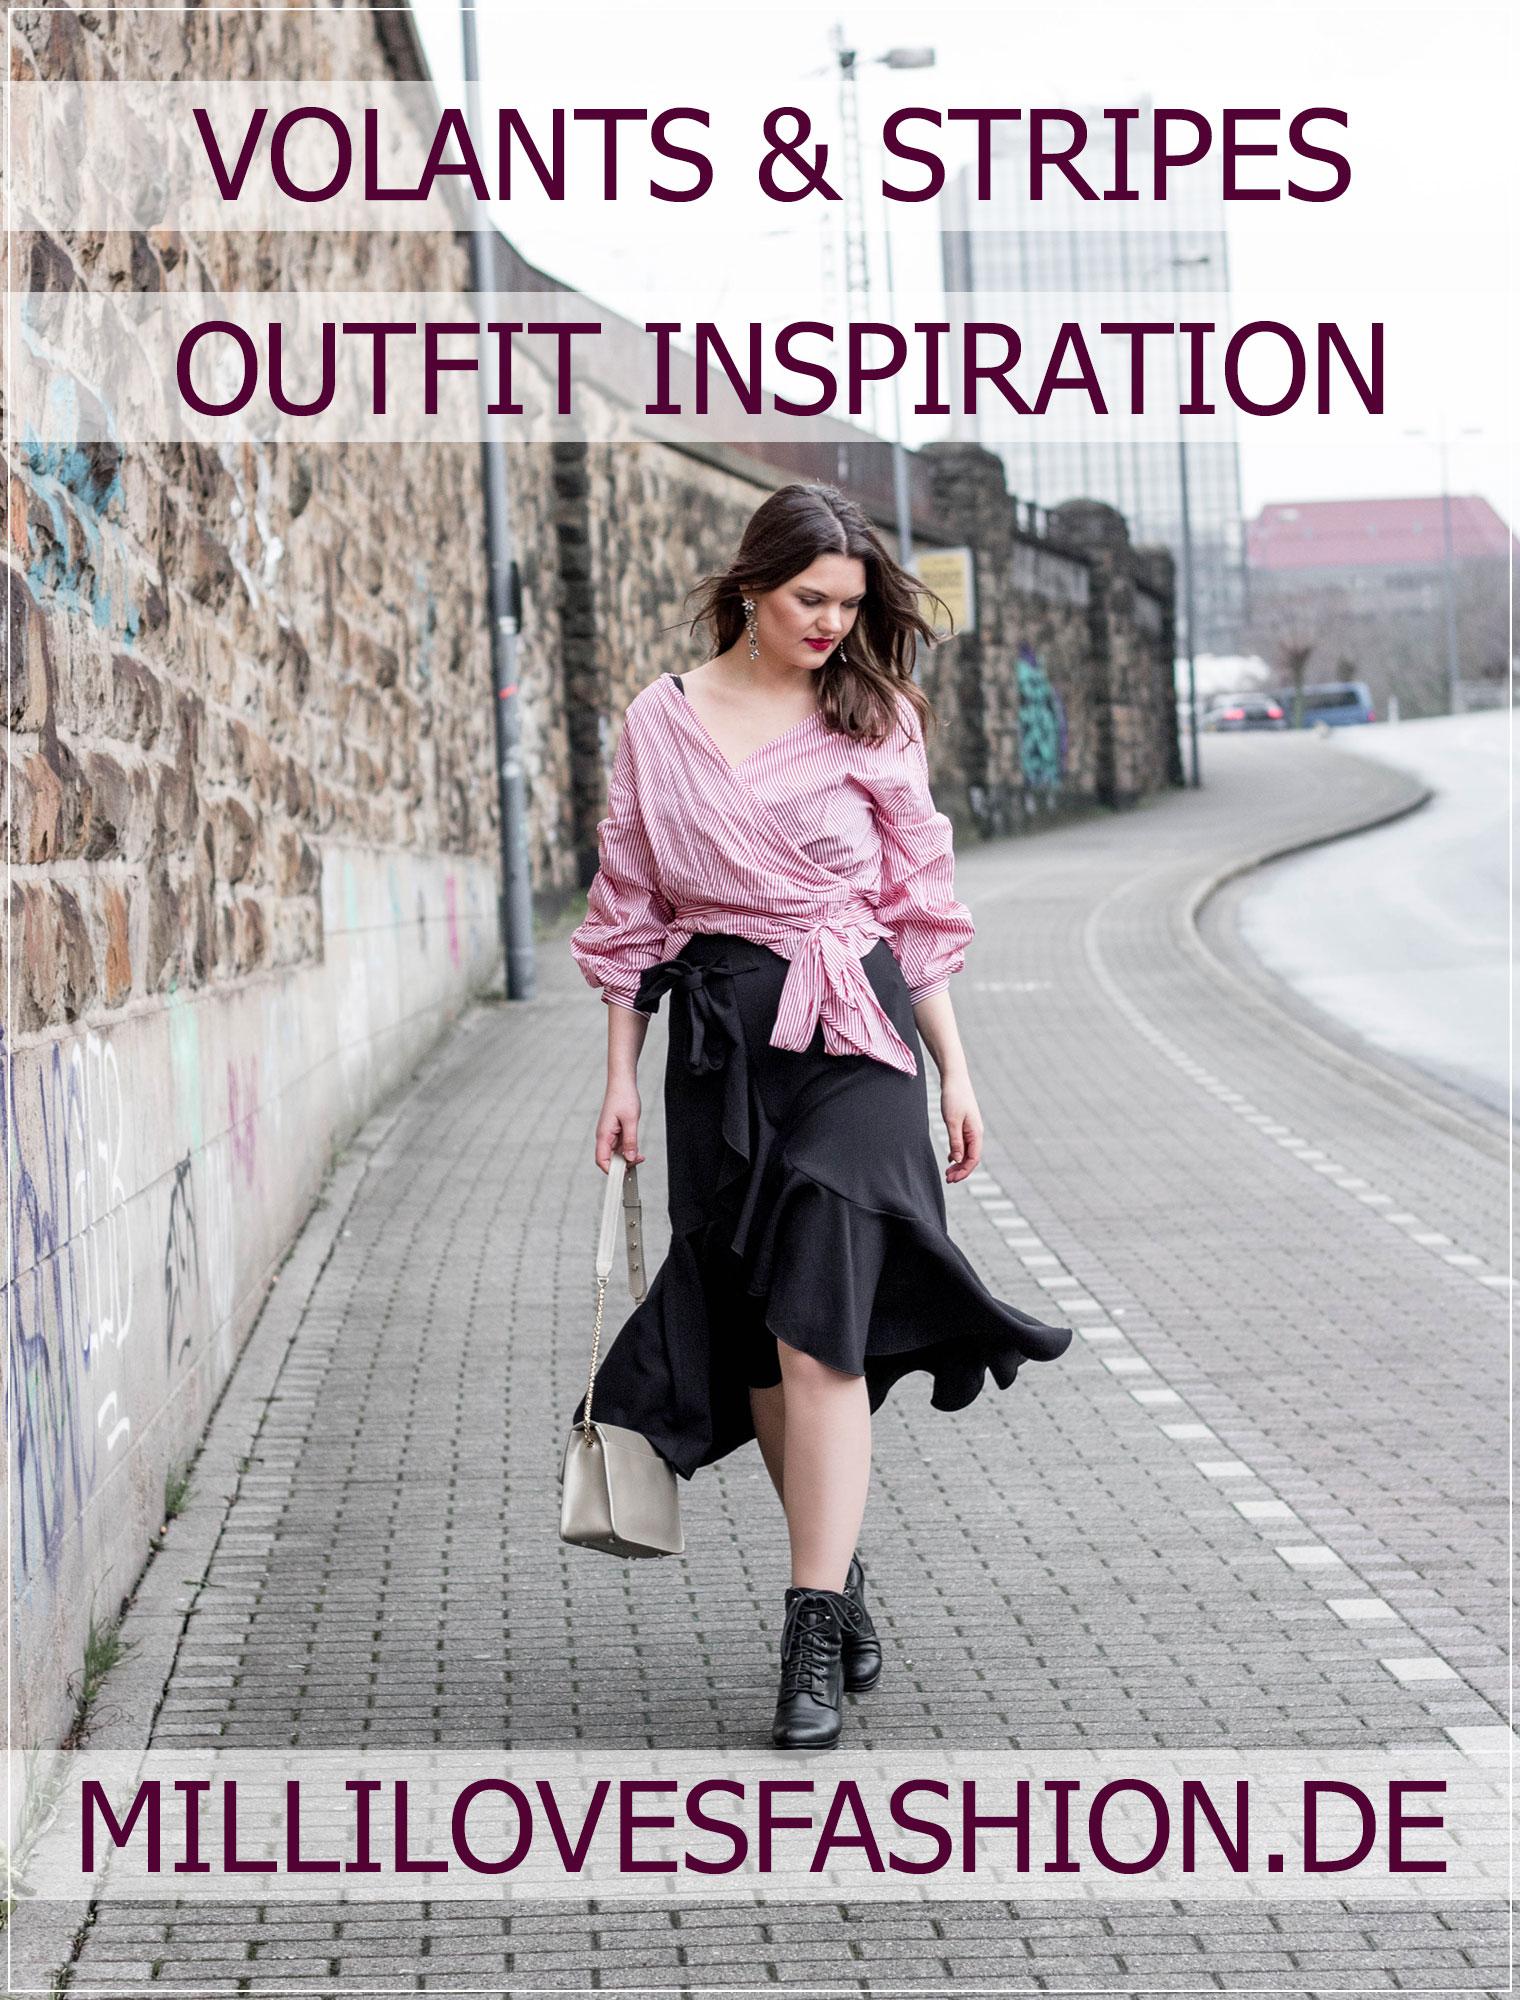 modische Statements, Frühjahrstrends, Volants, Streifen, Schleifen, Modetrends, Springstyle, Modebloggerin, Winteroutfit, Fashionbloggerin, Modeblog, Ruhrgebiet